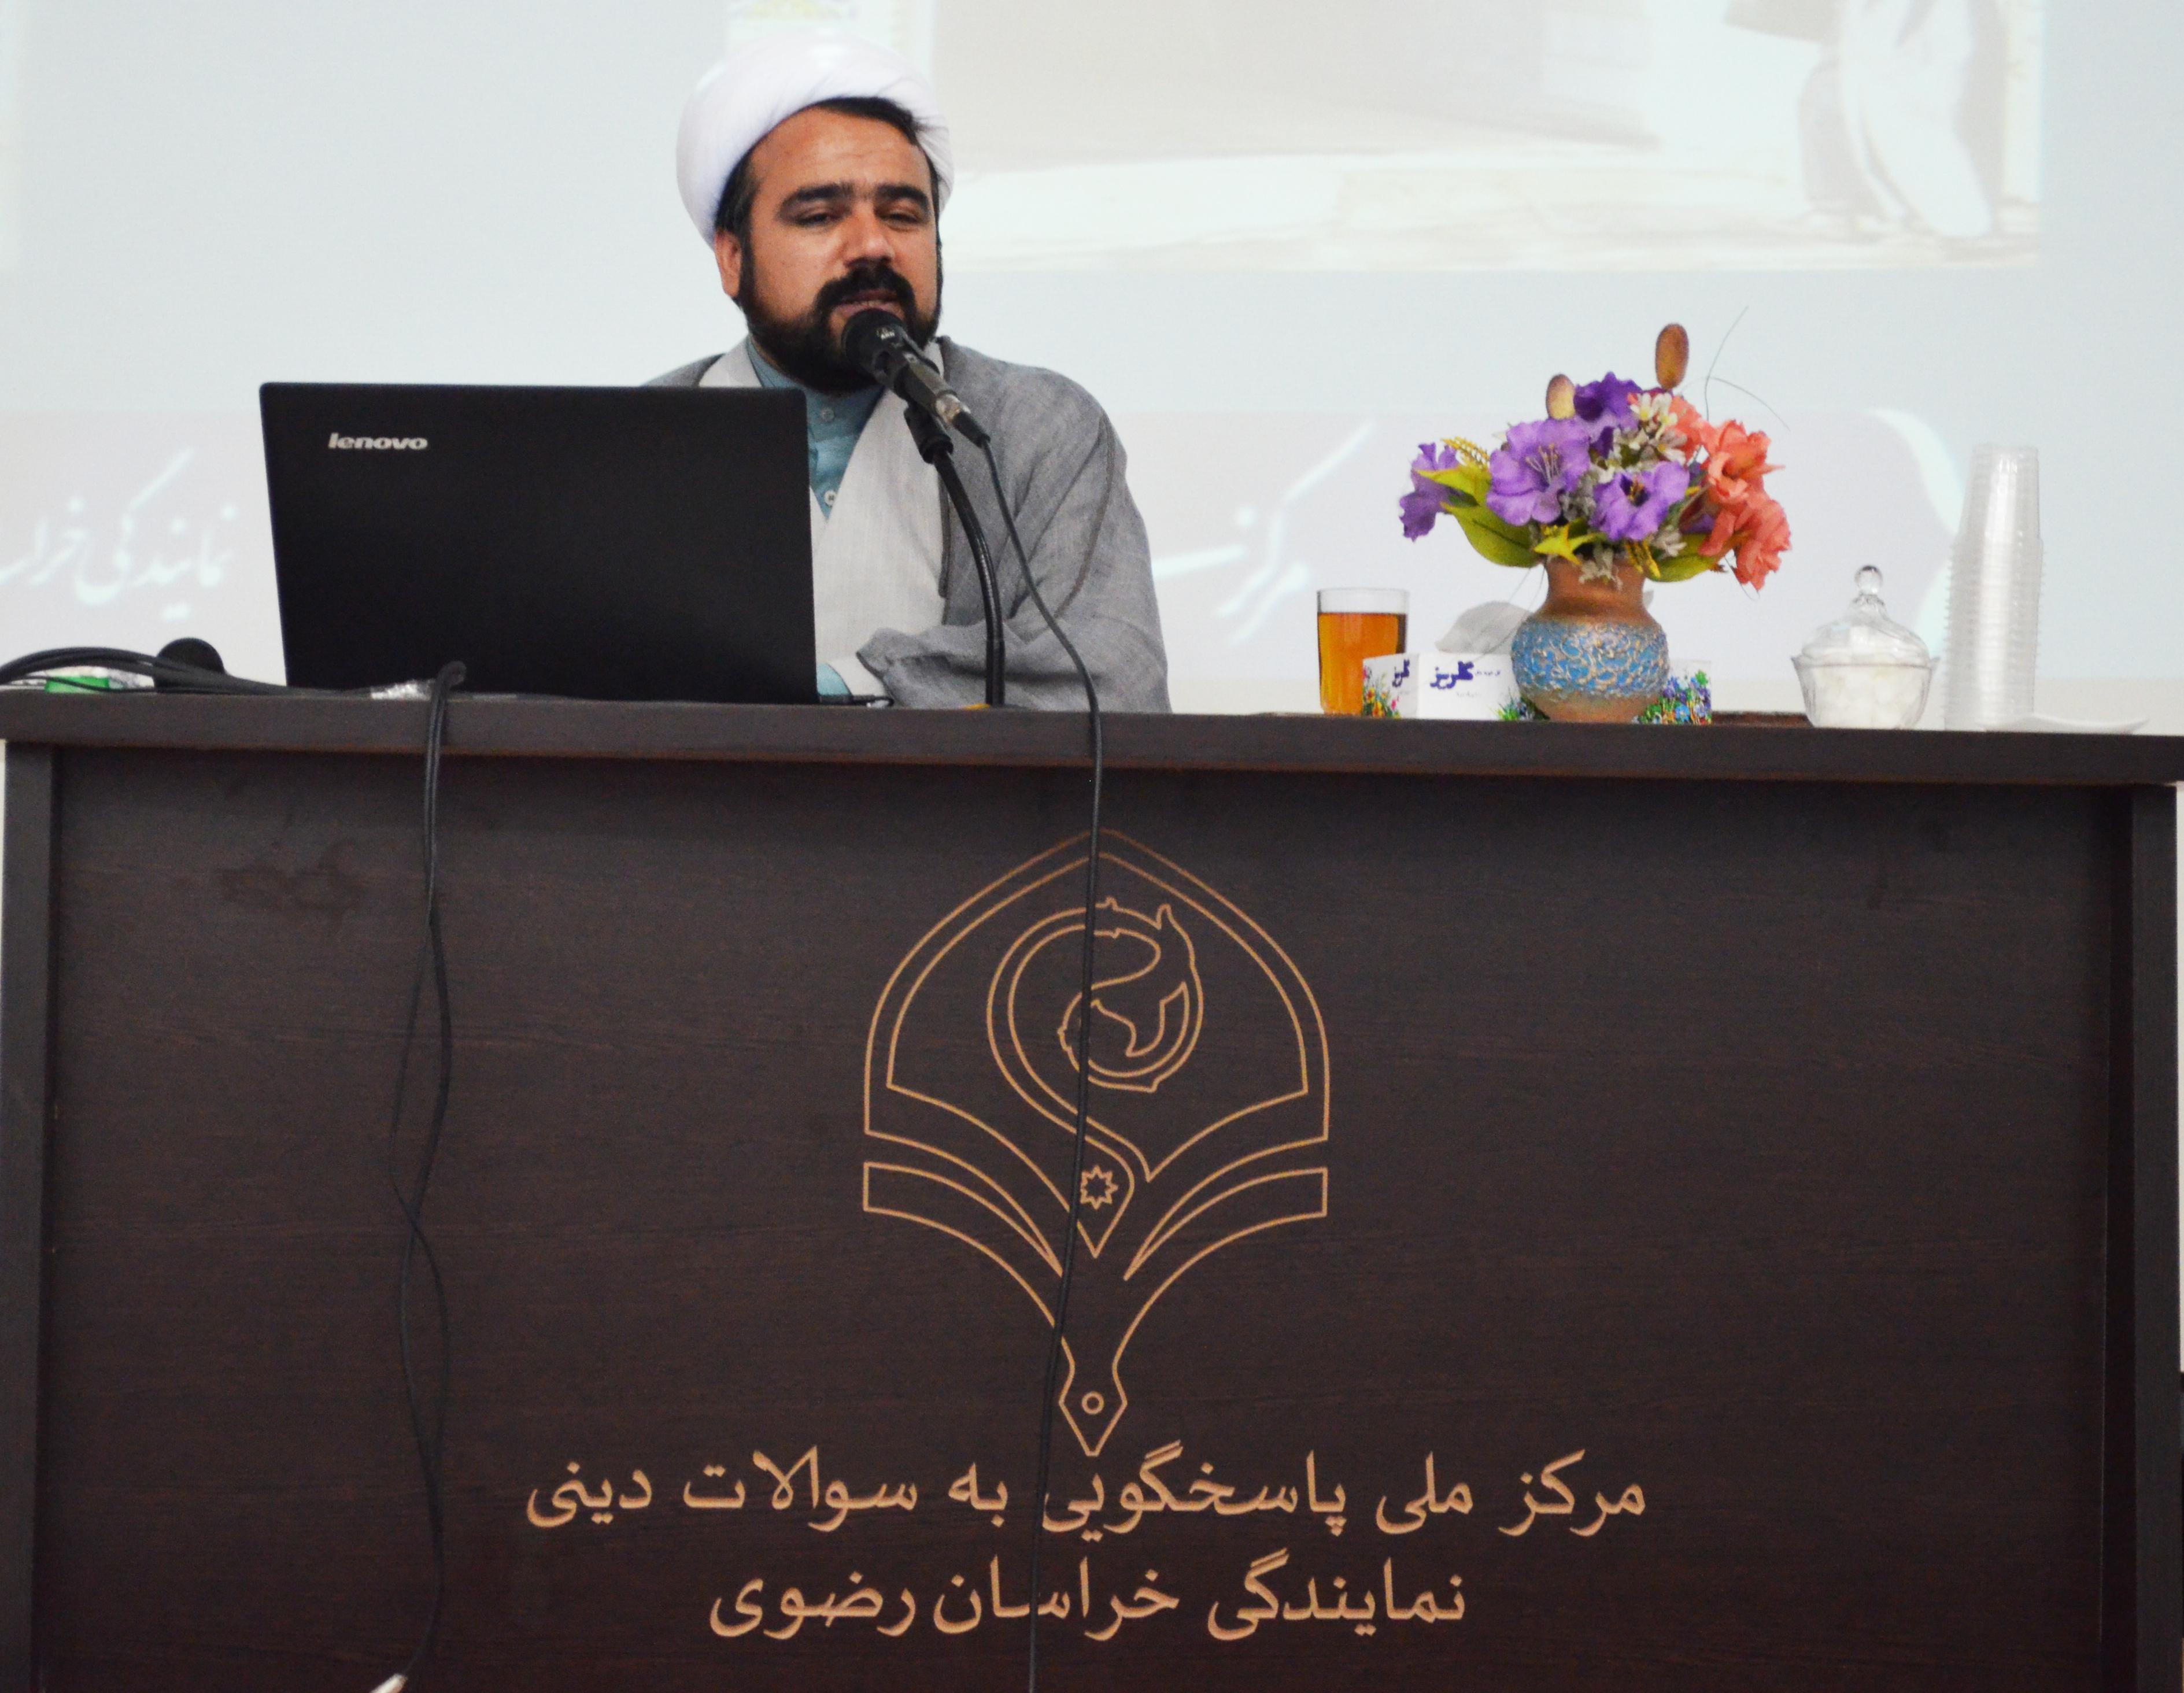 سخنرانی حجت الاسلام روحانی مقدم